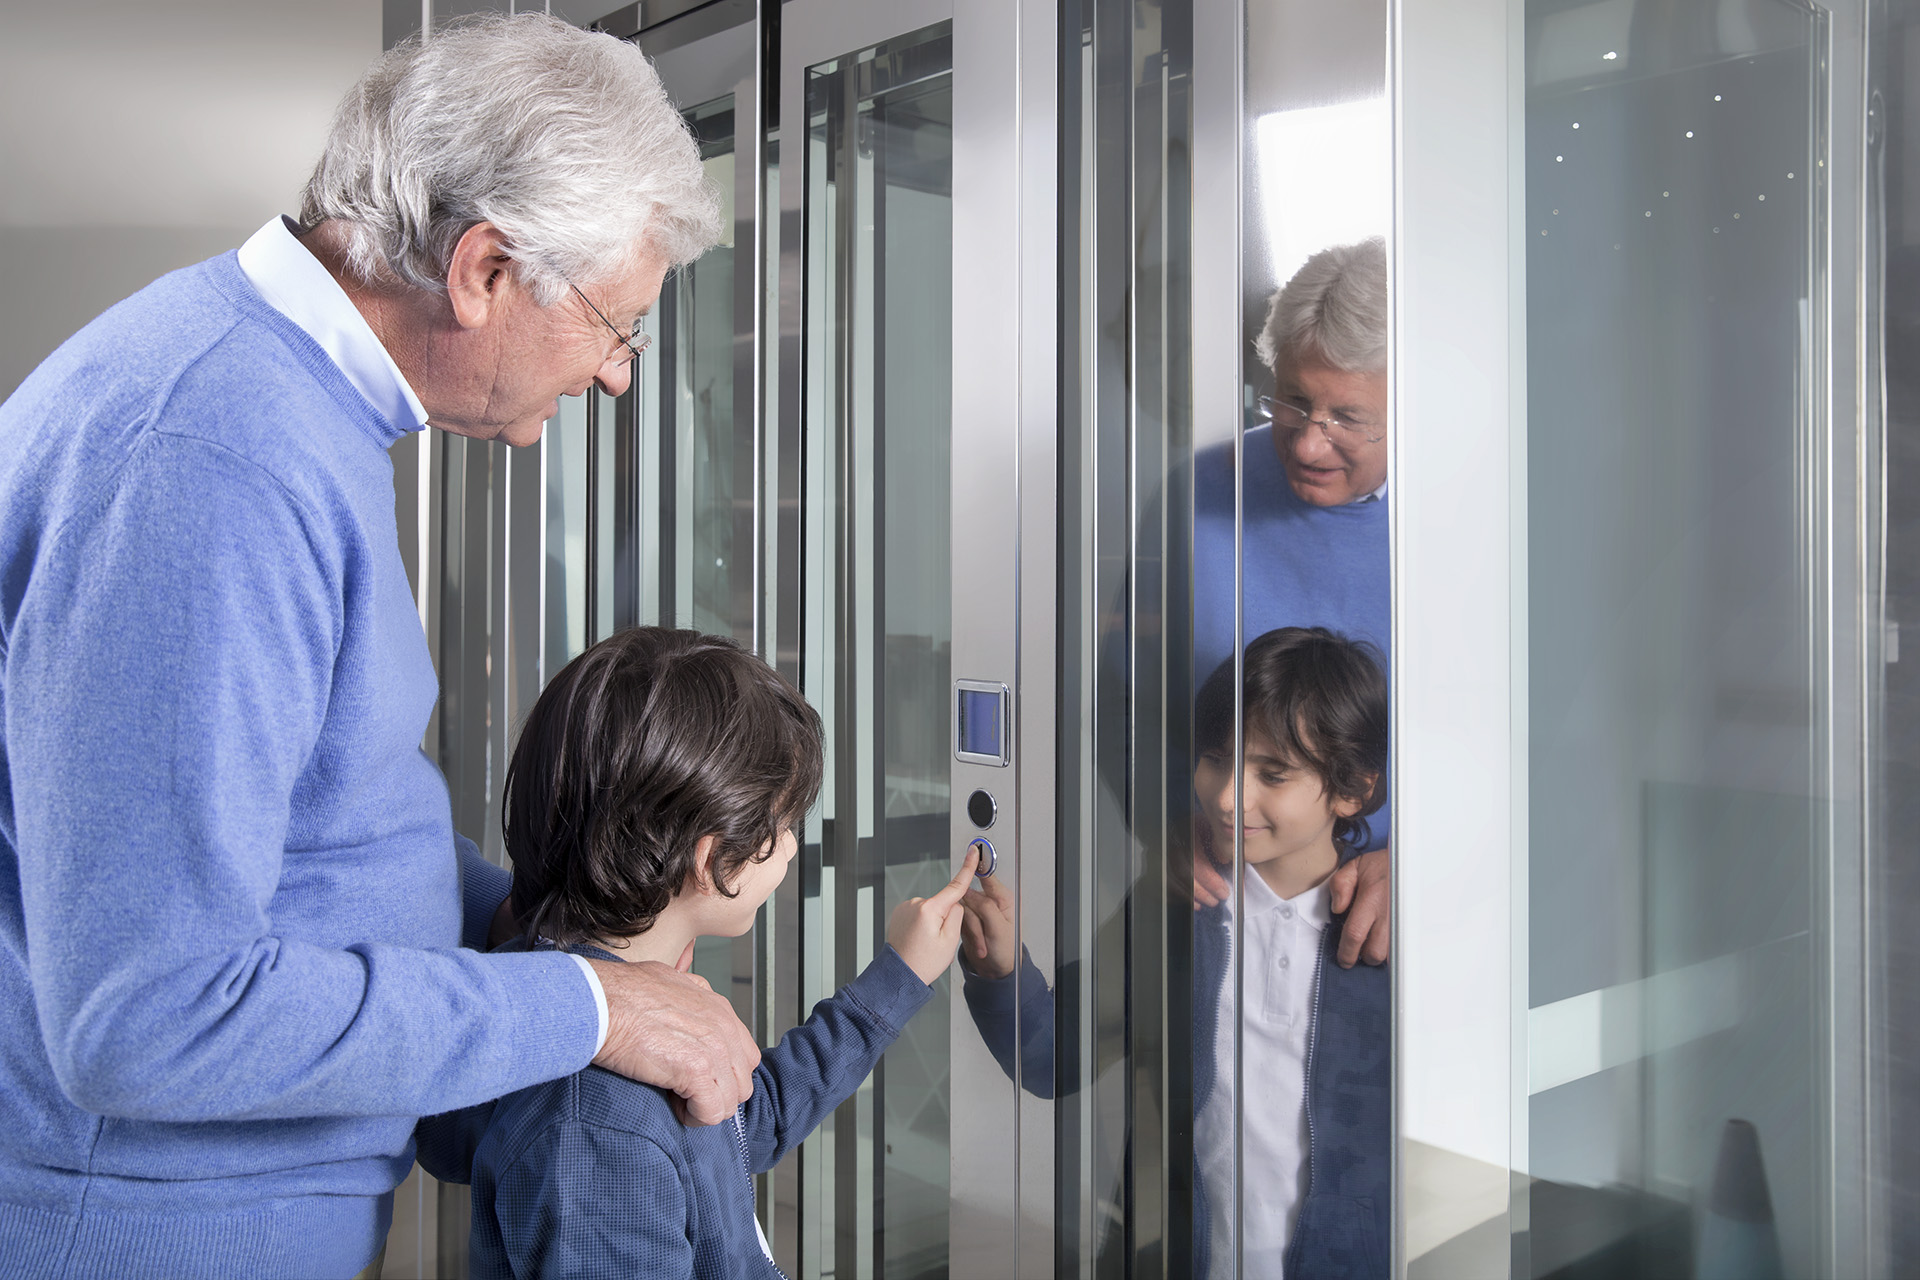 Le piattaforme elevatrici la soluzione per anziani diversamente abili e non solo